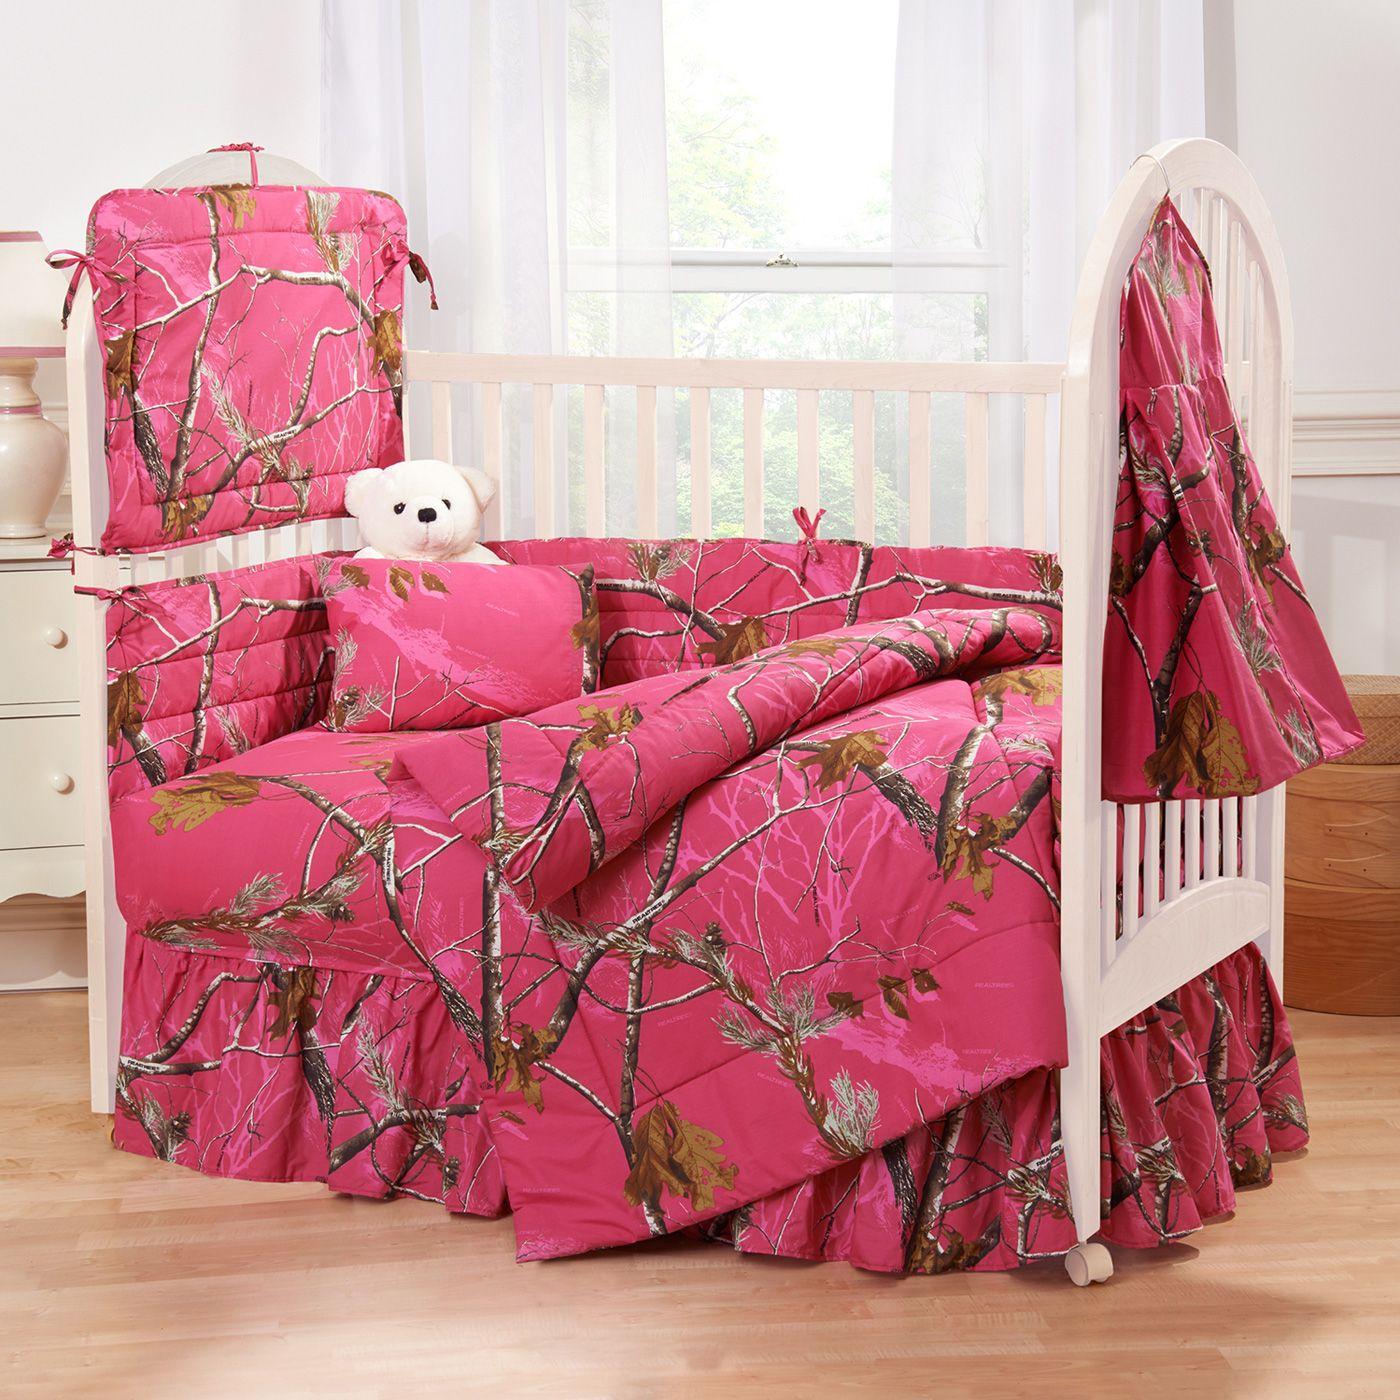 Camo Crib Bedding For Girl Camo crib bedding, Pink crib